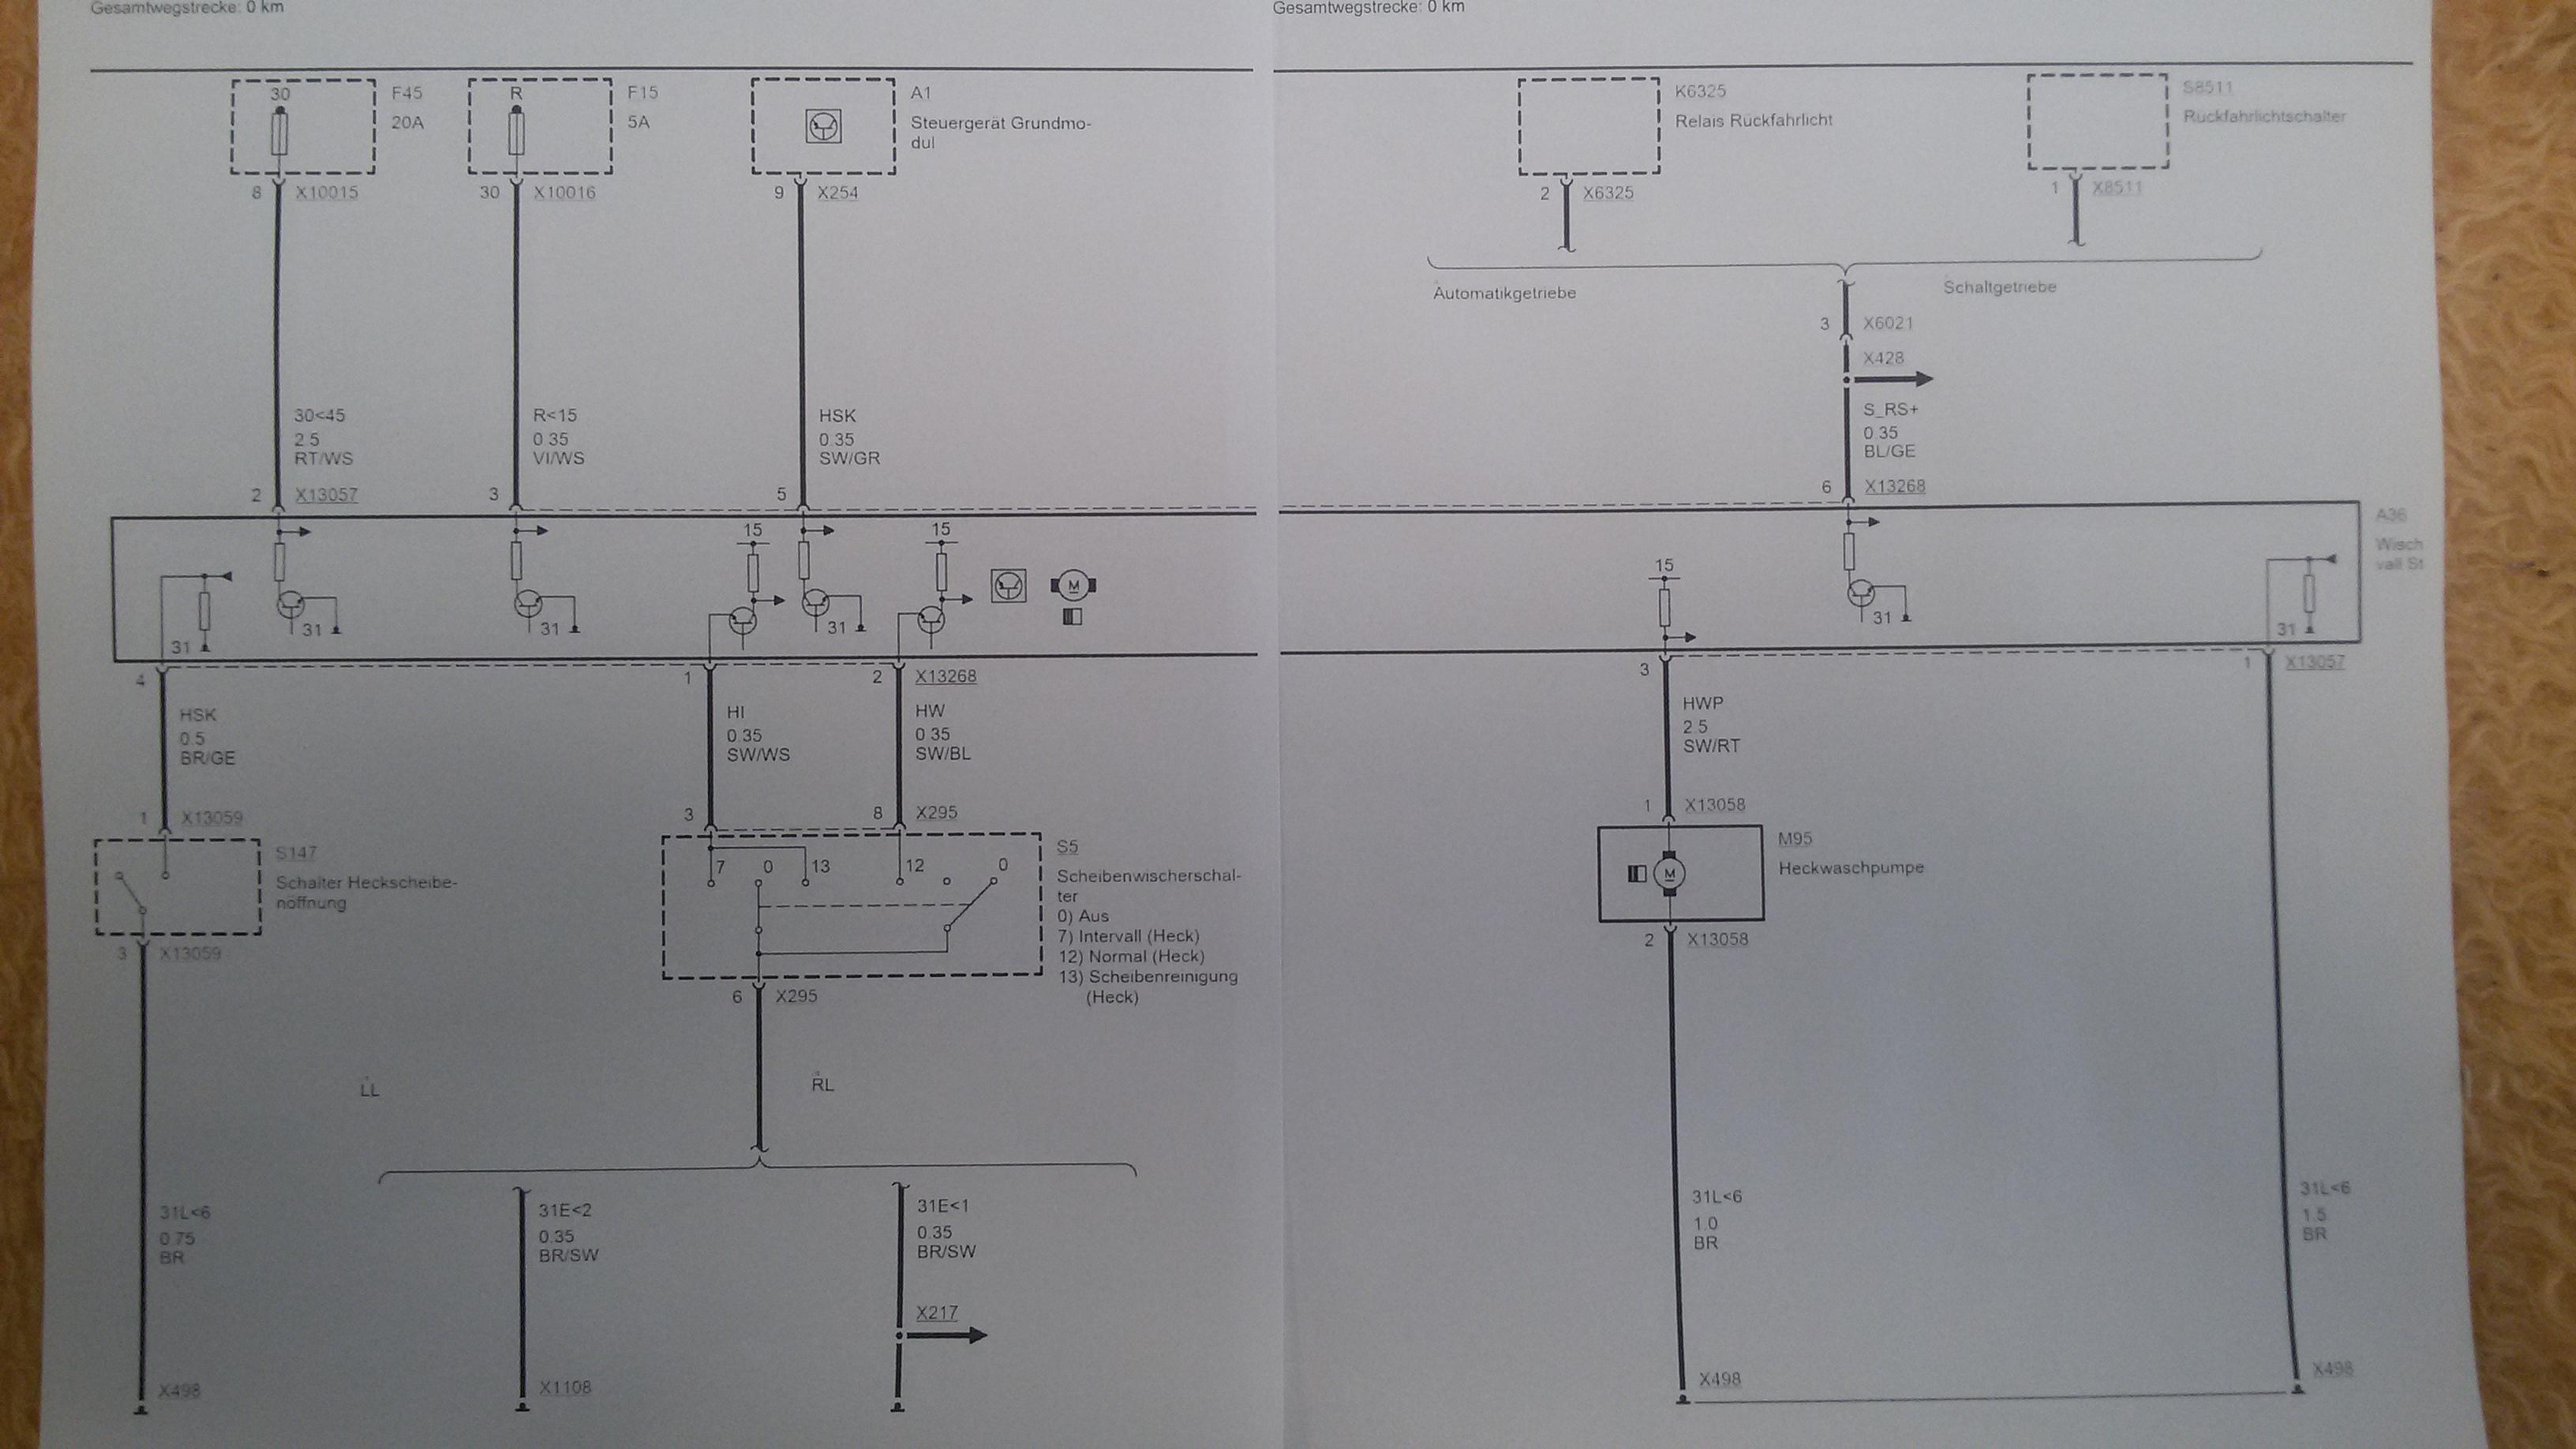 Ungewöhnlich Bmw X3 Schaltplan Zeitgenössisch - Die Besten ...